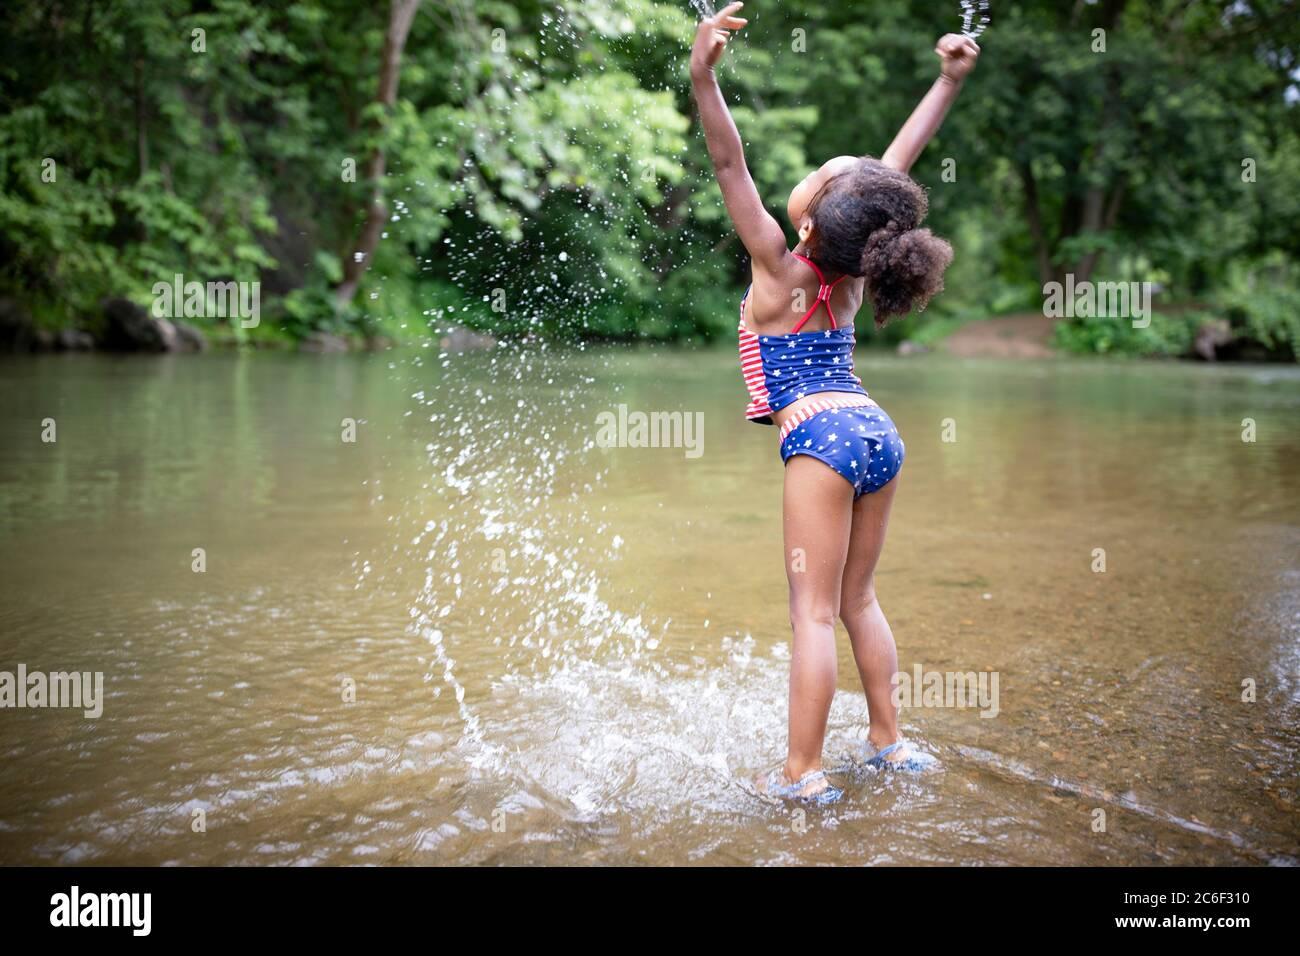 Una giovane ragazza si dilata e si spruzzi nel fiume Shenandoah, Virginia, USA. Foto Stock